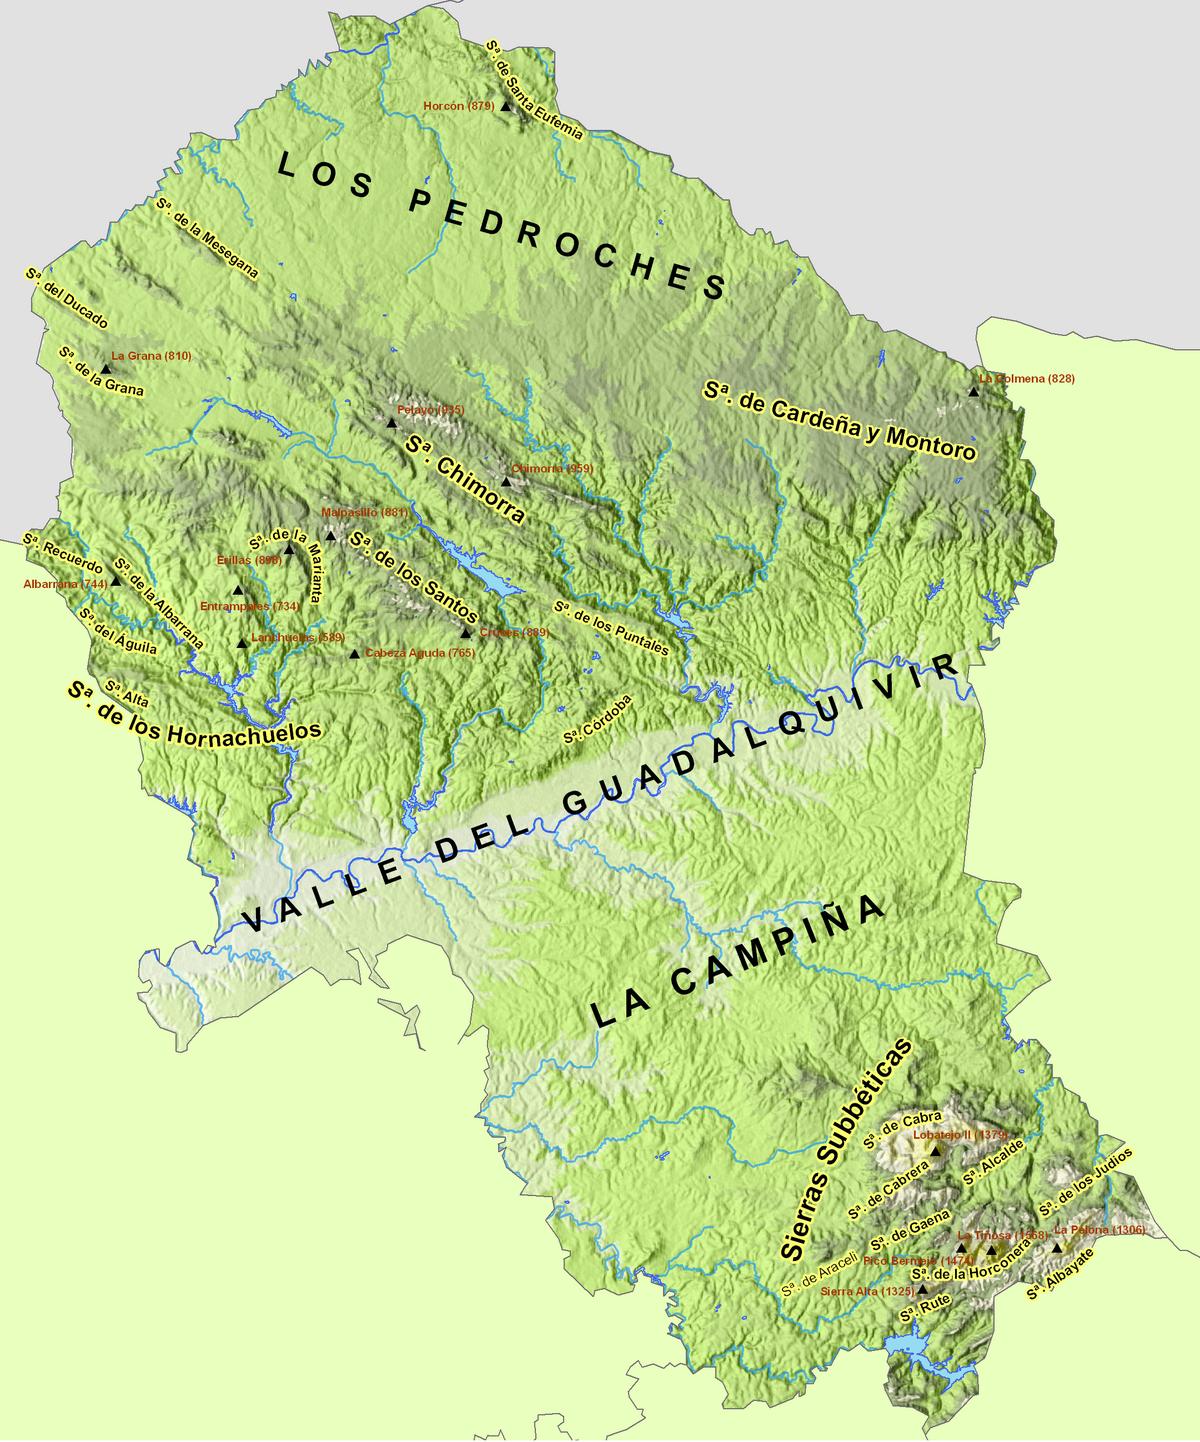 Mapa Provincia De Cordoba España.Archivo Provincia De Cordoba Relieve Png Wikipedia La